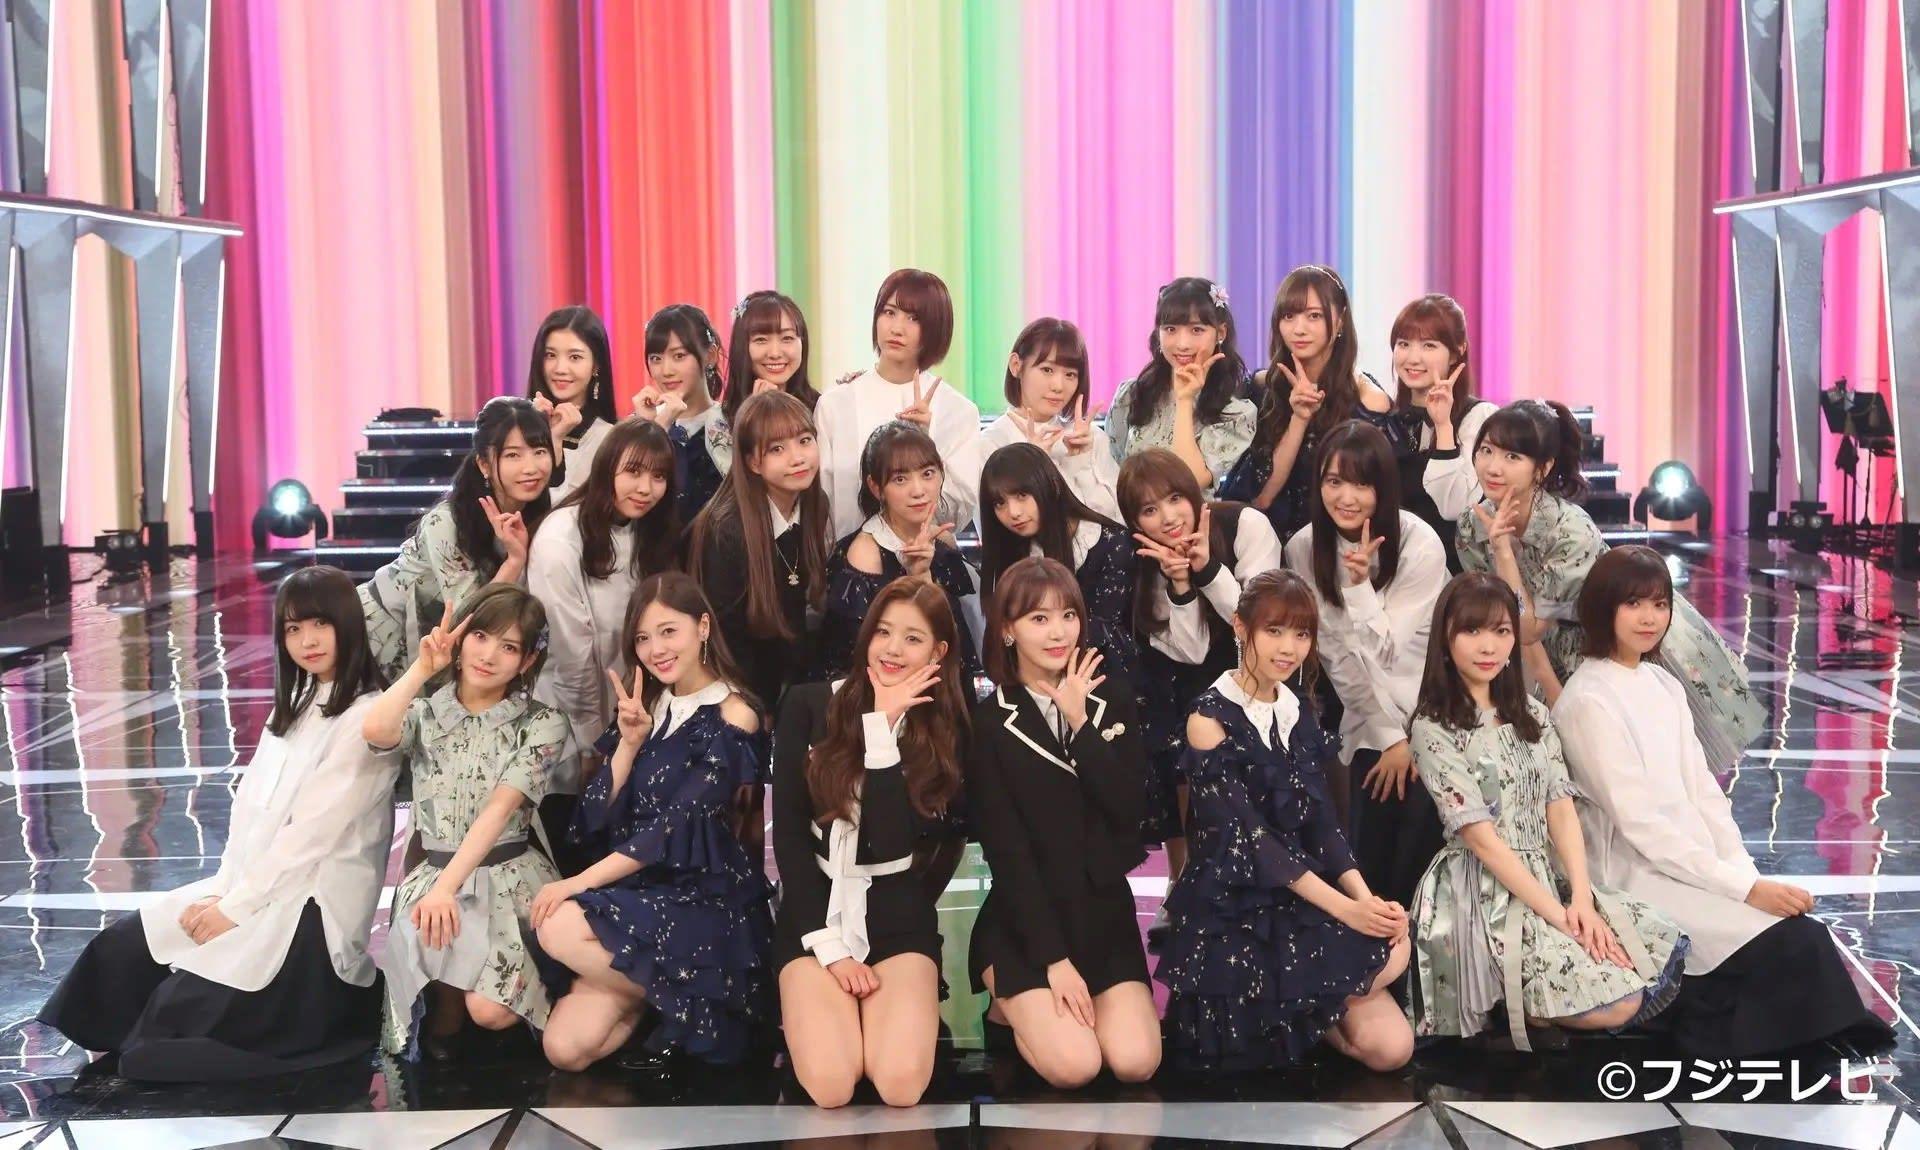 【画像】 IZONEさん、AKB48乃木坂46欅坂46全員まとめて公開処刑wwwwwwwwwwwwwwwwwwwwwwwwww